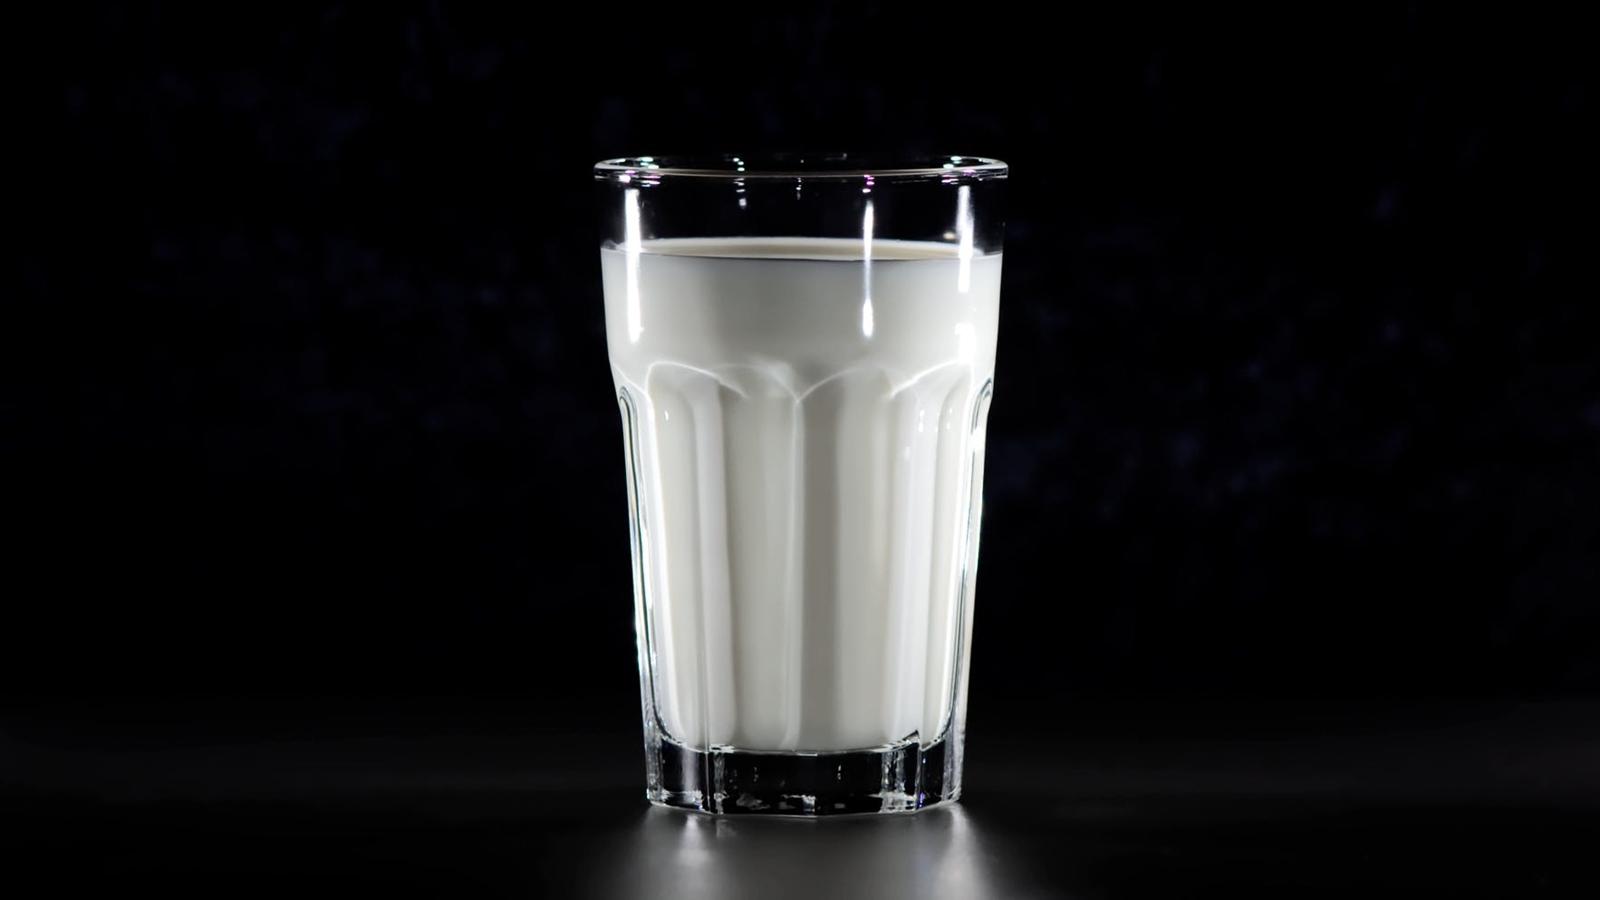 Estas 'leches' no son realmente leches, revela estudio de Profeco